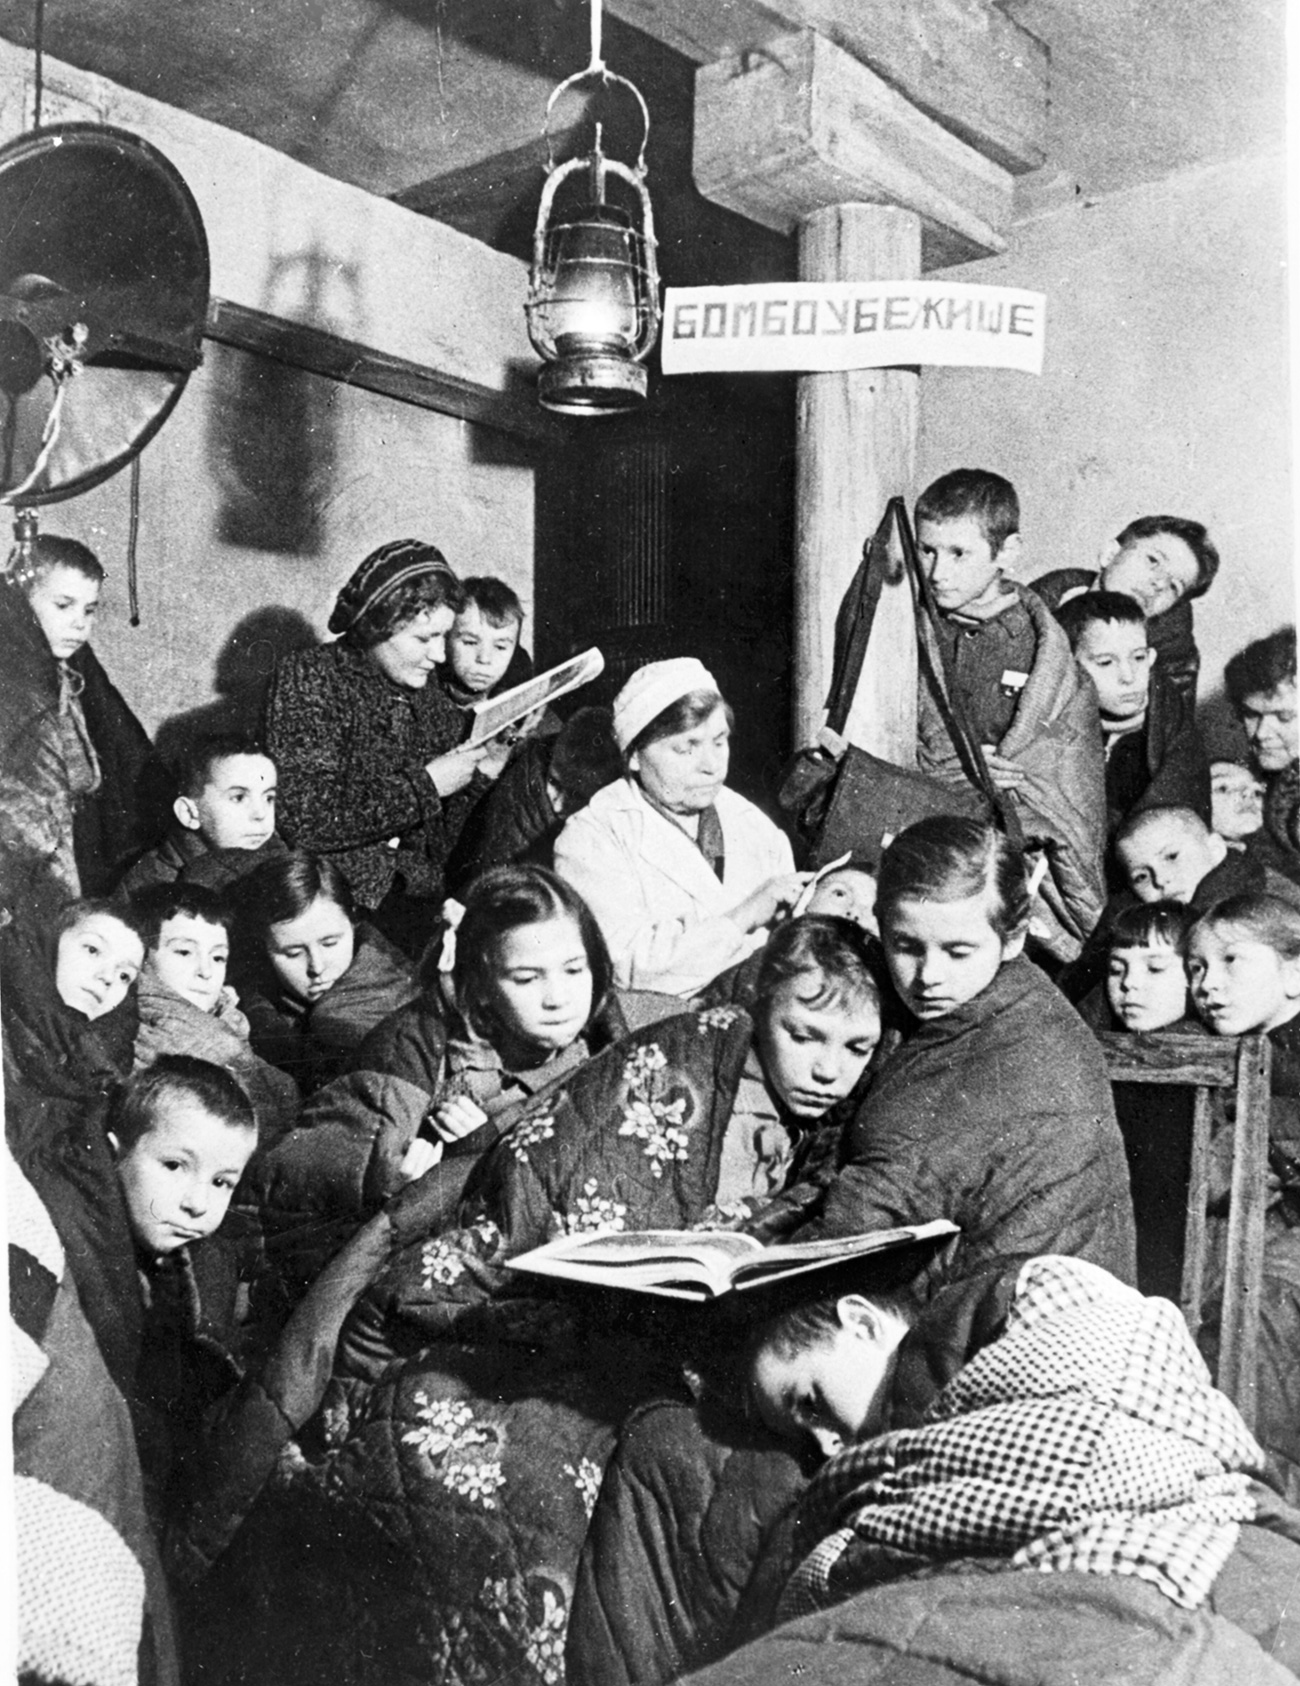 Nelle cantine, trasformate in rifugi antiaerei, si rifugiavano anche le persone